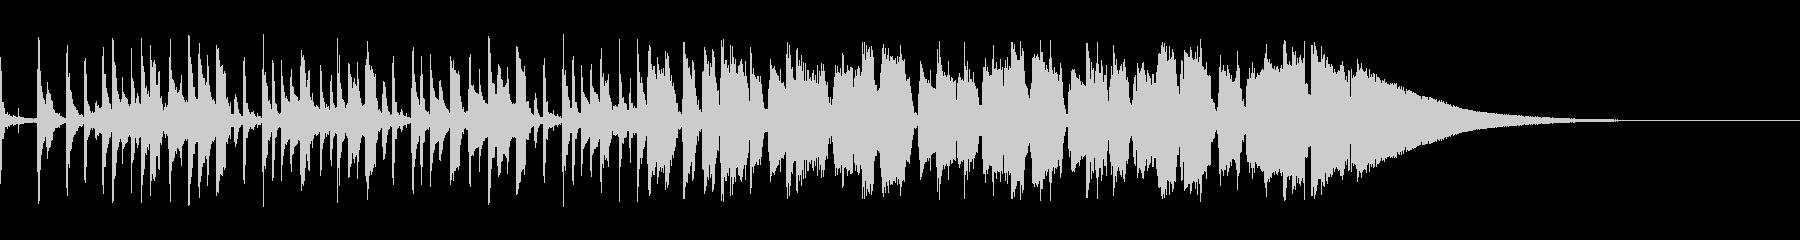 【生音】ノリノリなギター&ベースのポップの未再生の波形